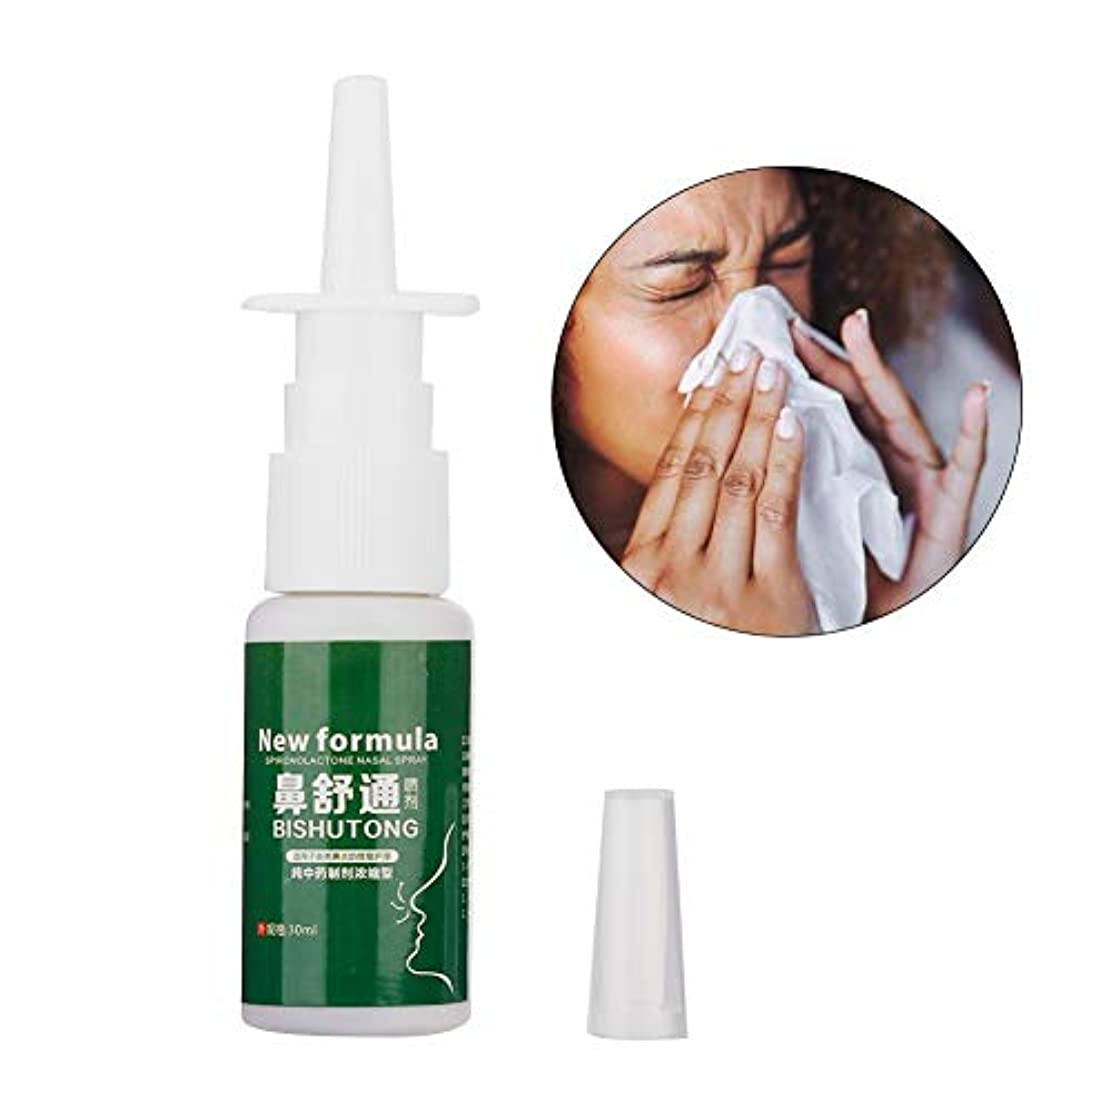 メルボルン販売計画バイオリニスト鼻アレルギー鼻炎スプレー、30ml鼻炎ハーブスプレー鼻アレルギーとかゆみ鼻炎のための漢方薬